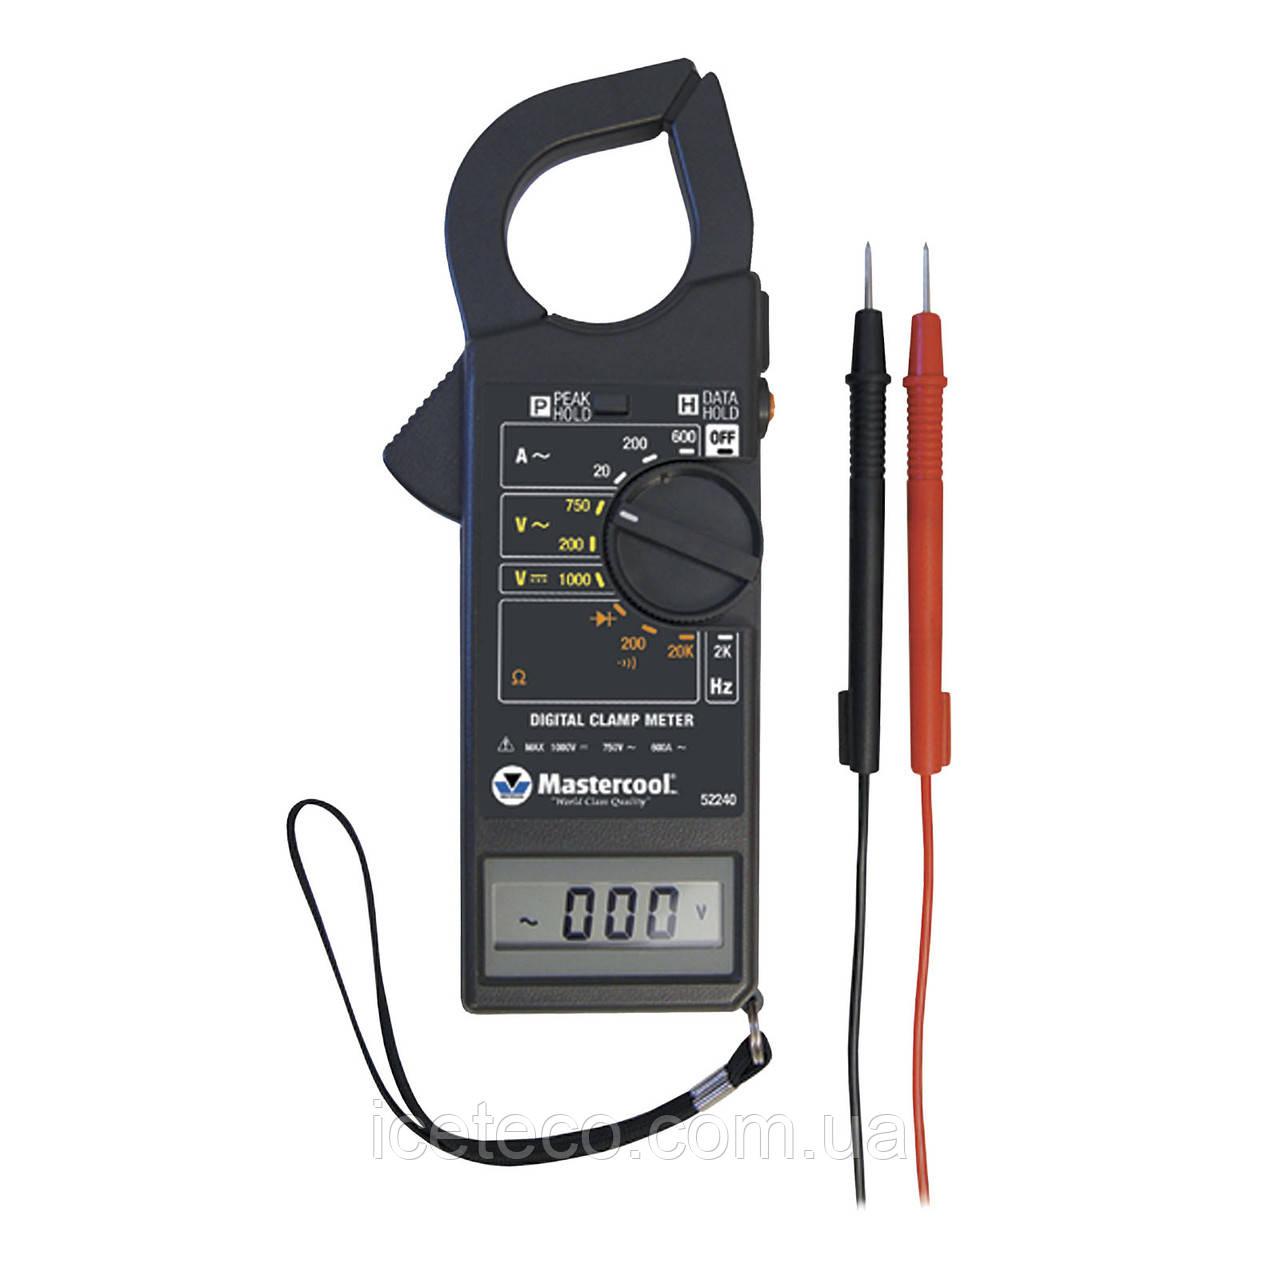 Мультиметр - Профессиональные токоизмерительные клещи для систем HBKB/P MC 52240 Mastercool